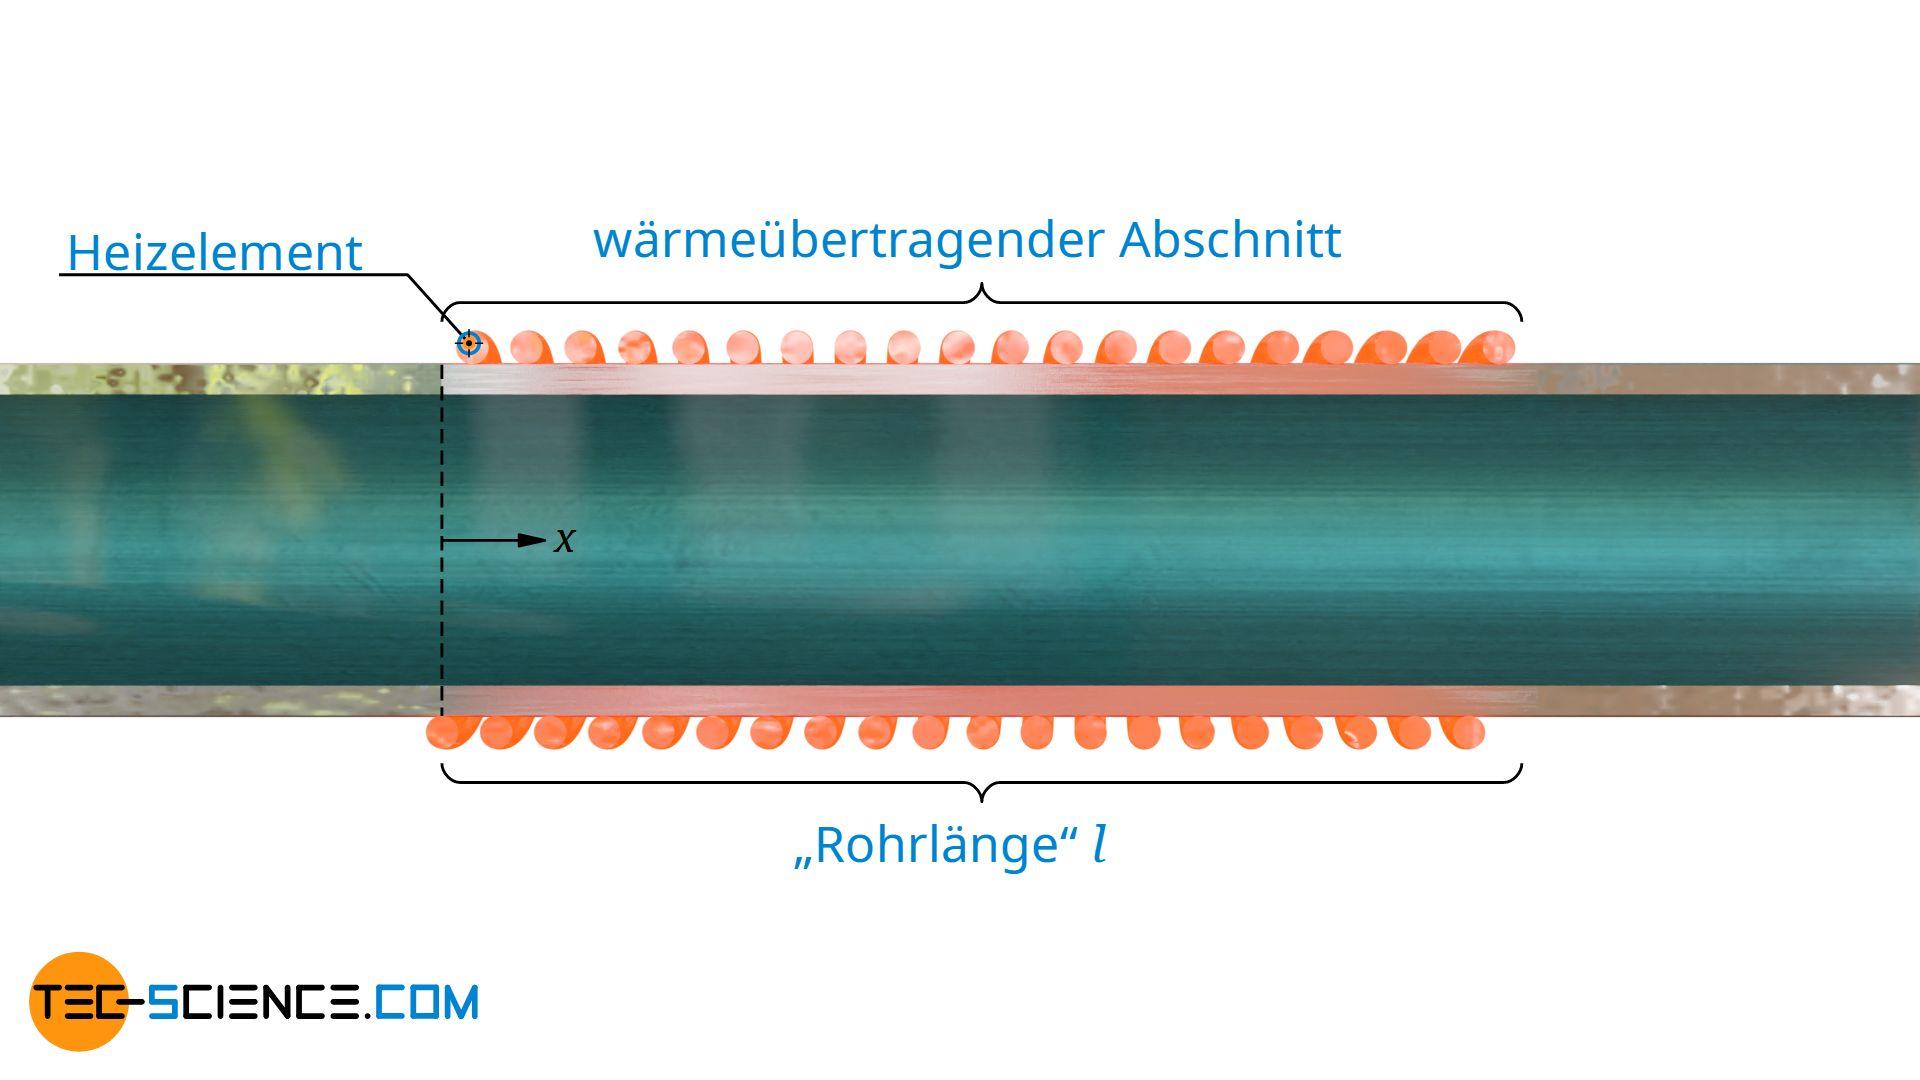 Rohrlänge als wärmeübertragender Abschnitt